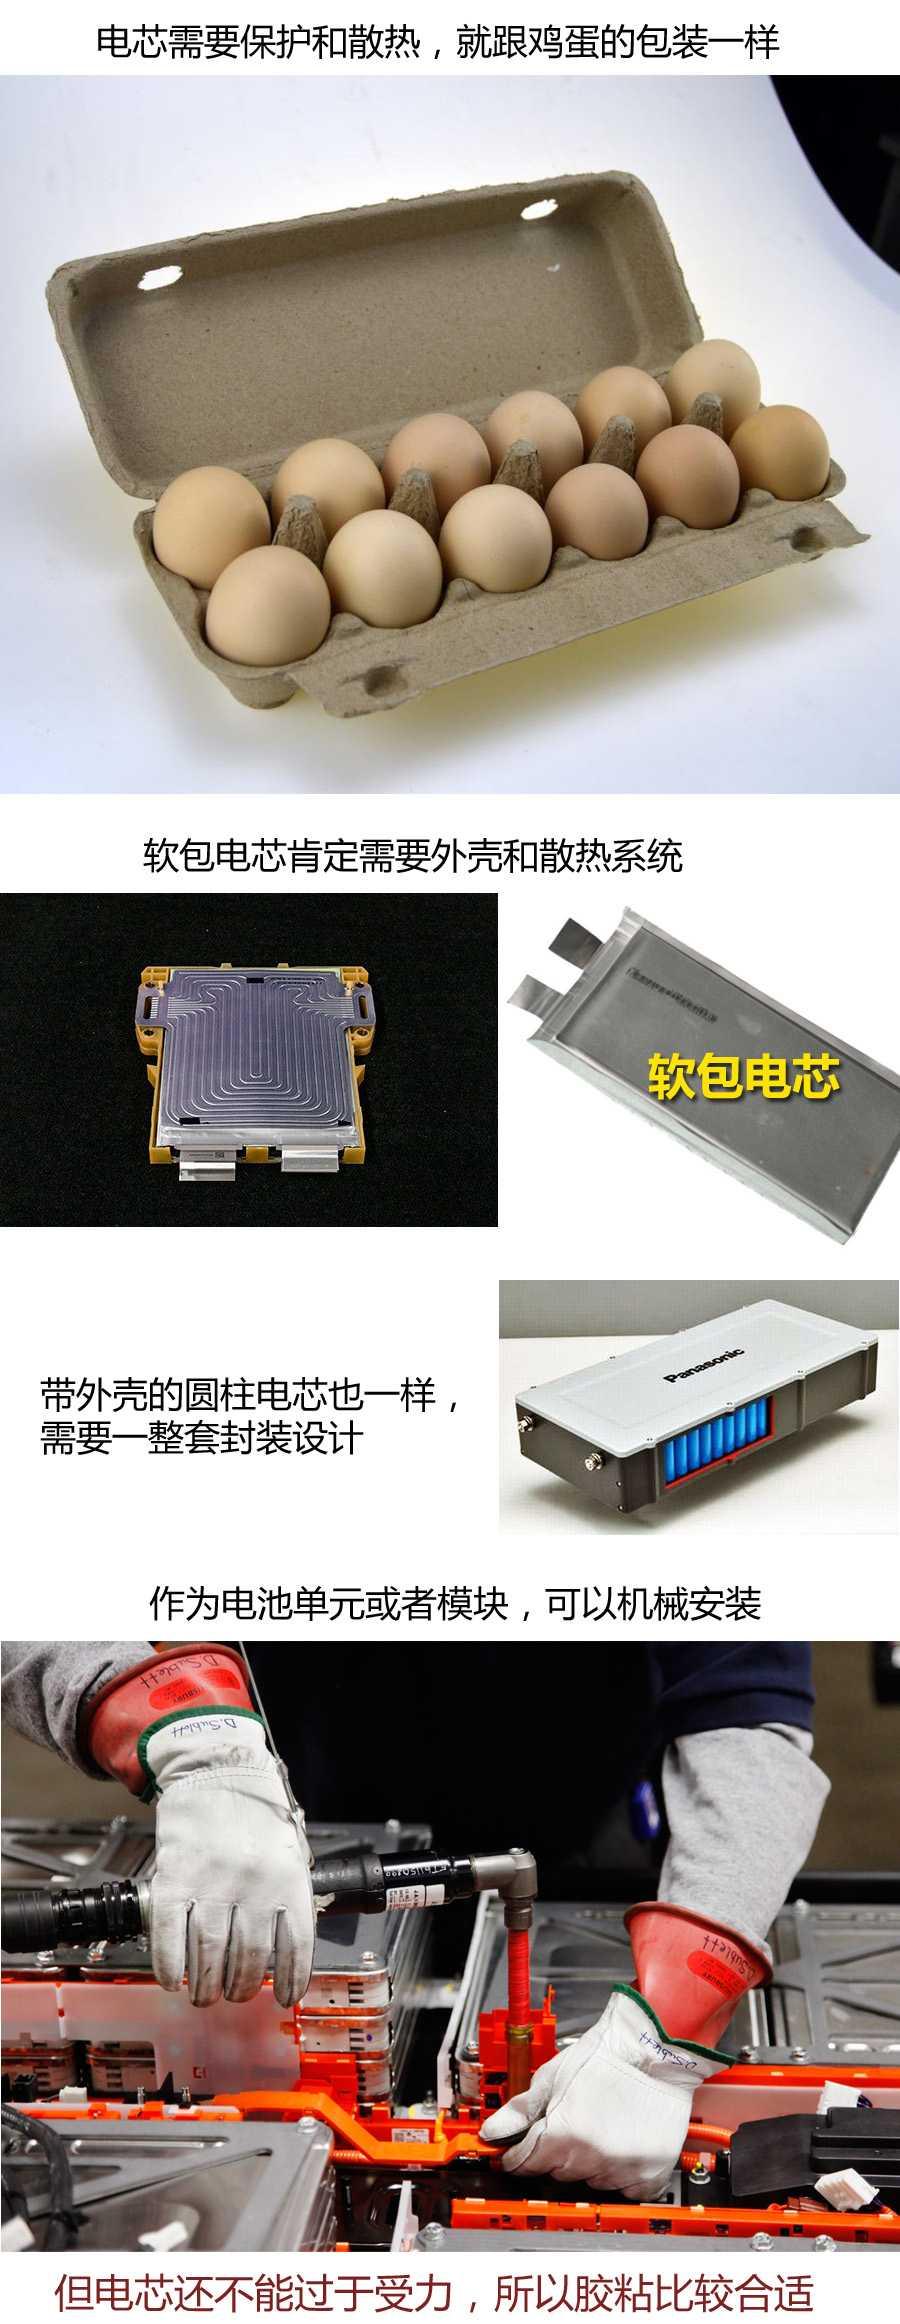 应对不同类型电芯 3M新能源电池组装技术